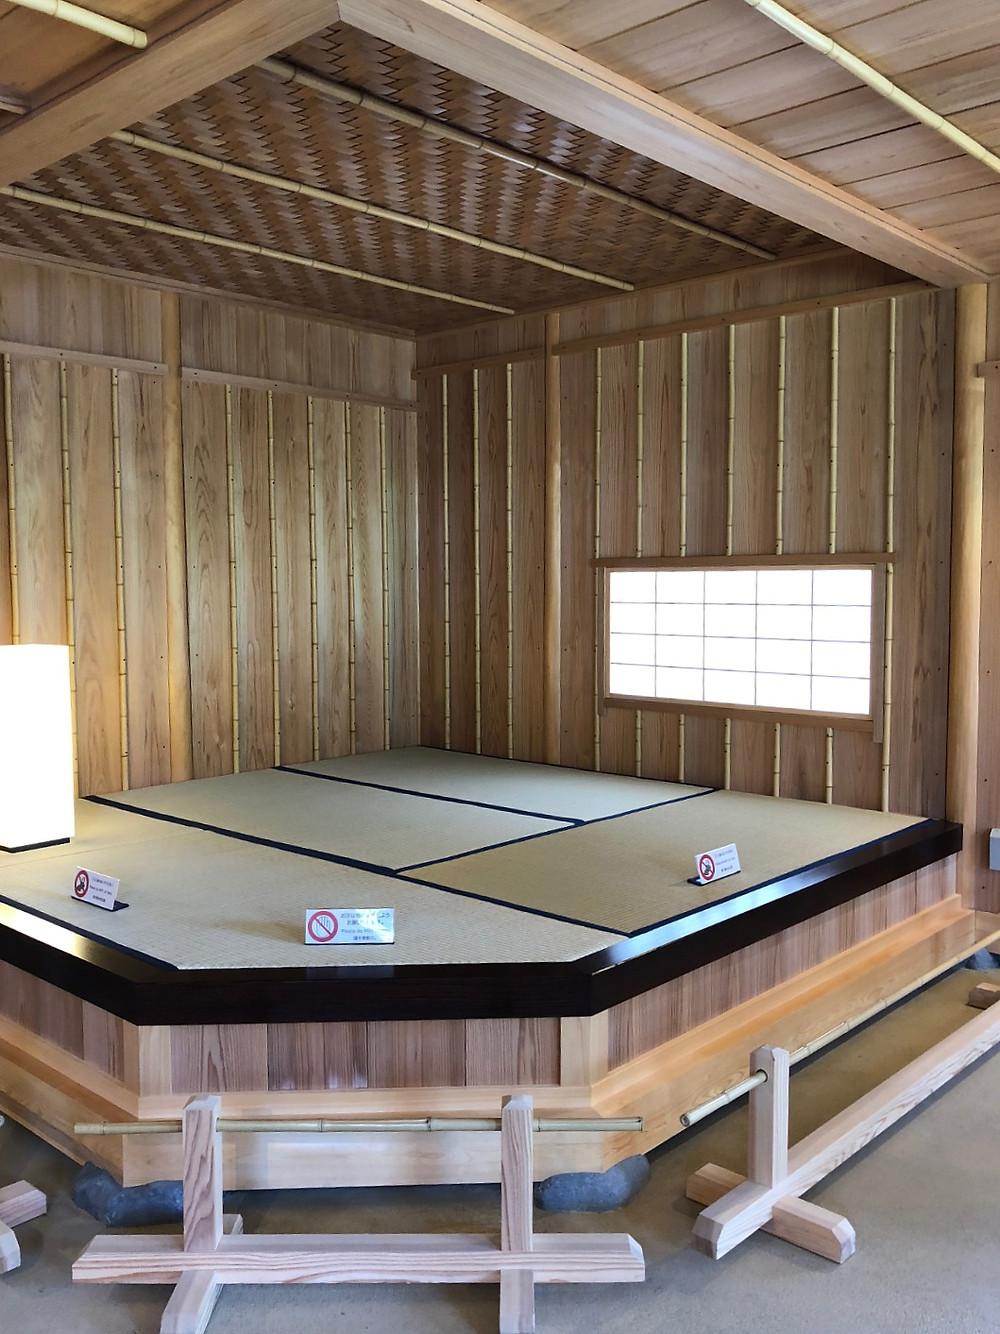 網代天井 拭き漆のかまち たたきの土間 歴史的建築技術 日本の伝統